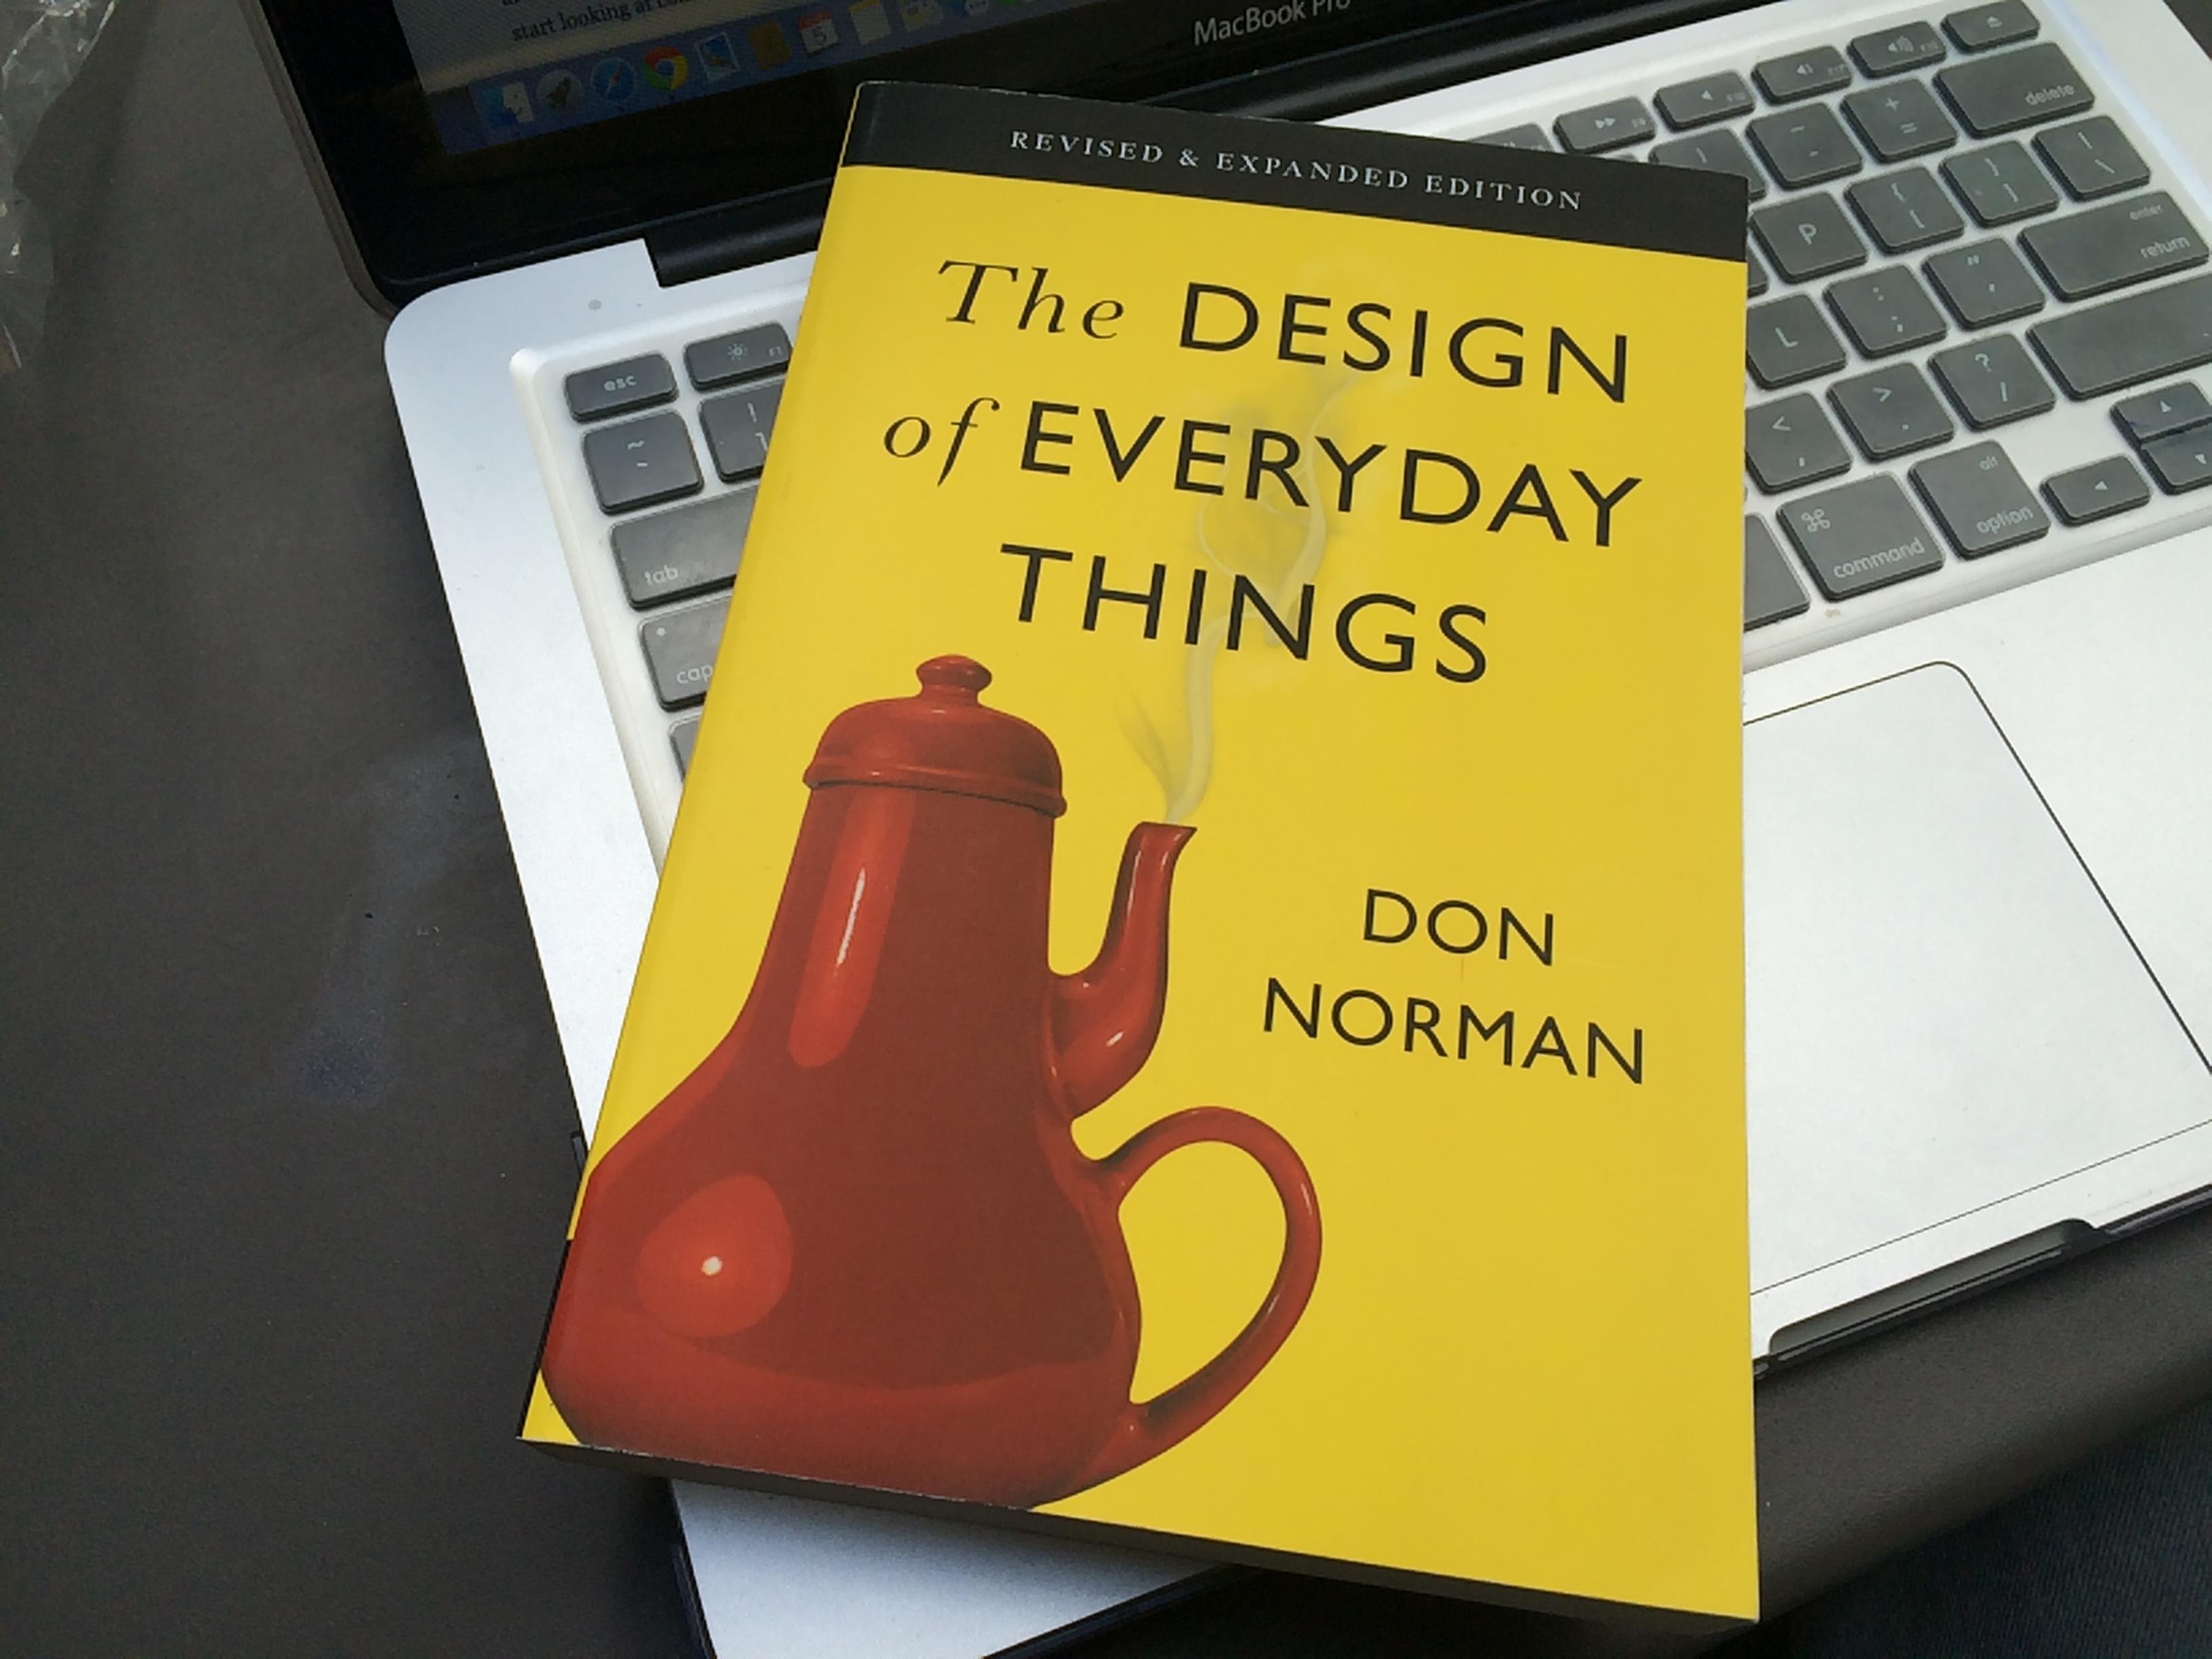 UI/UX design books